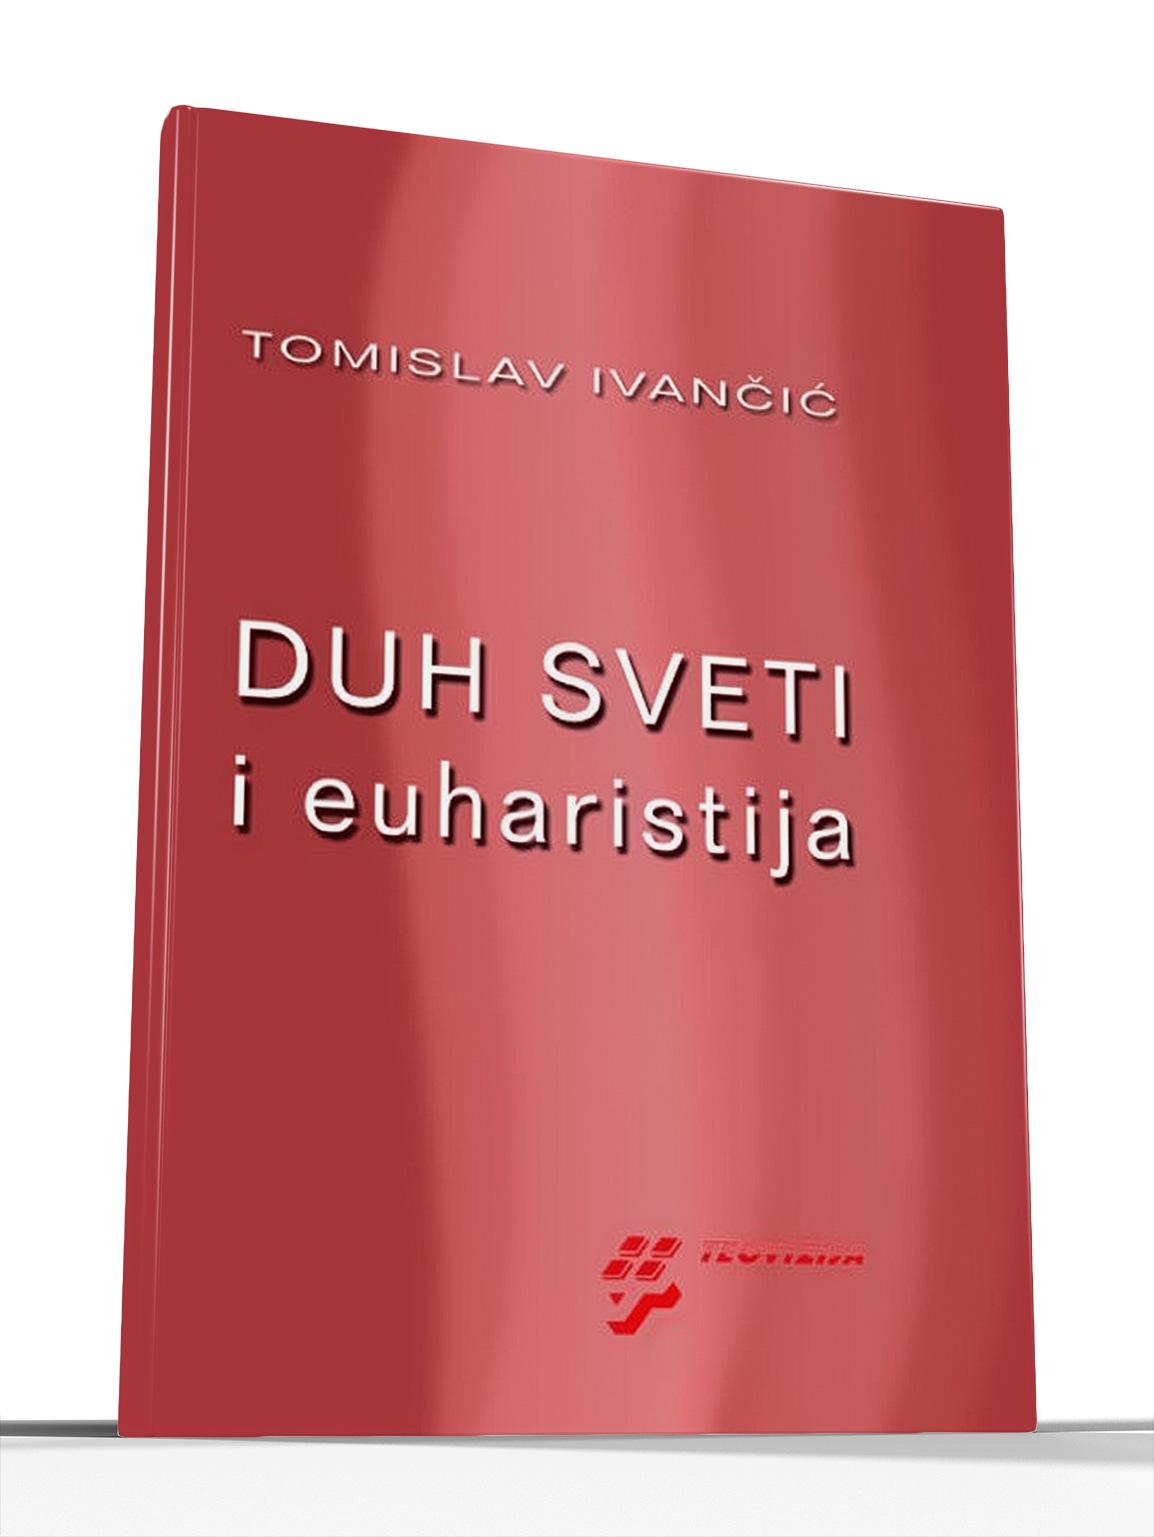 DUH SVETI I EUHARISTIJA (tvrdi uvez) - Tomislav Ivančić